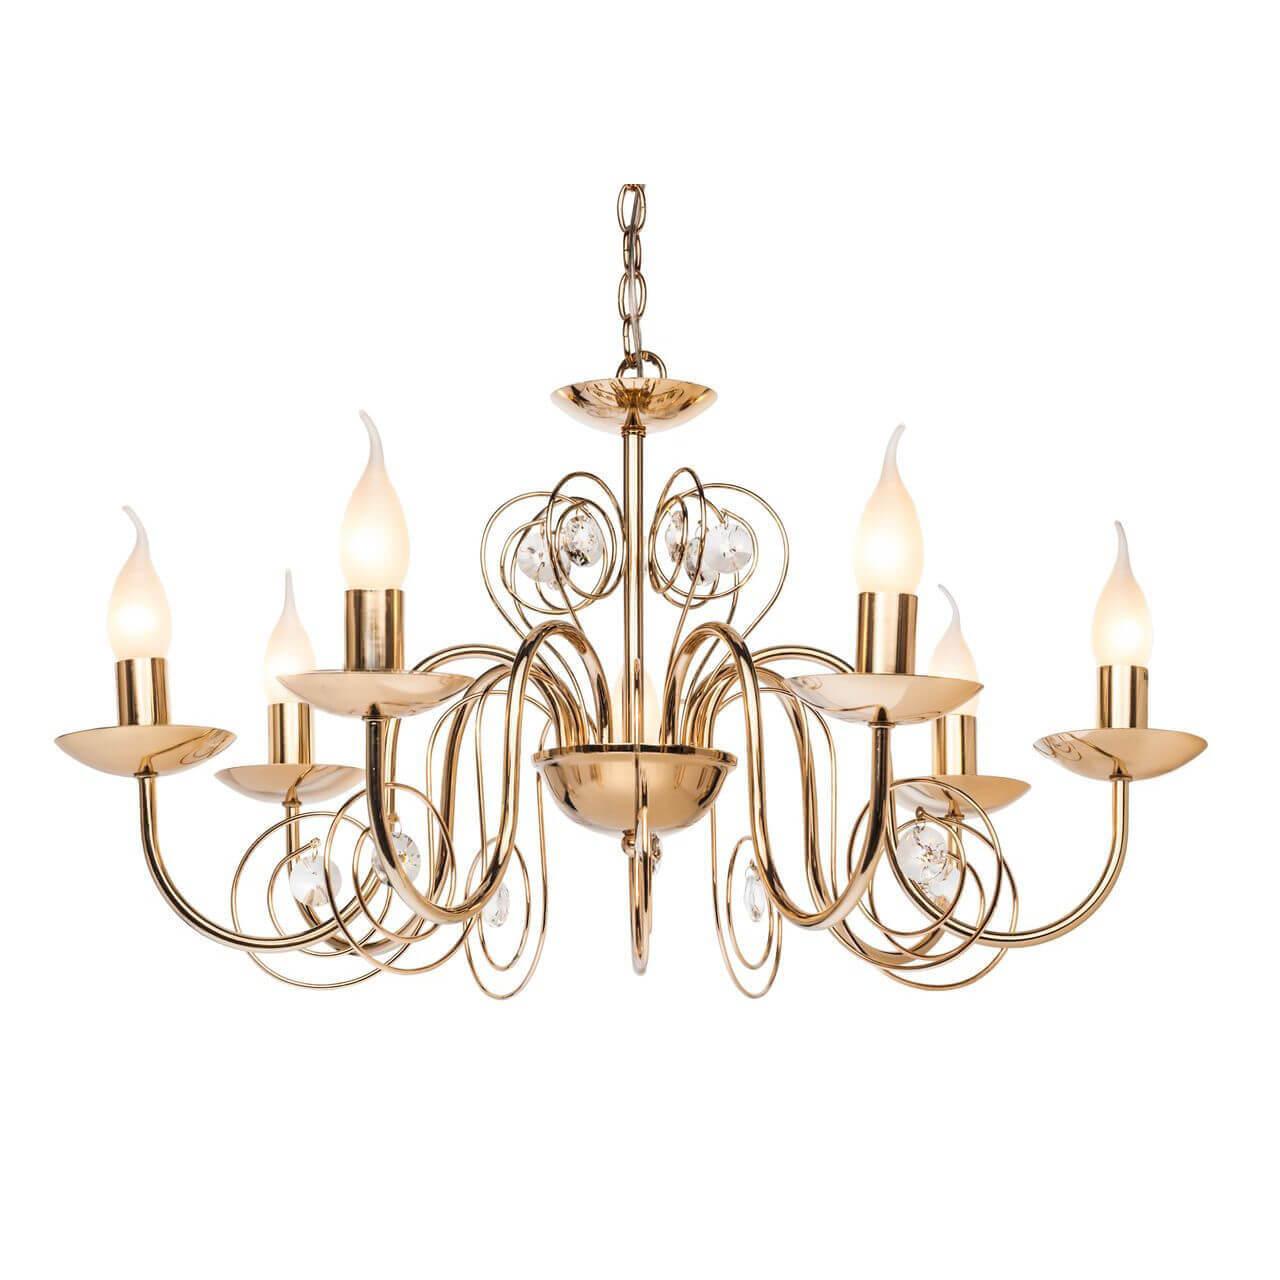 Подвесная люстра Silver Light Fancy 121.58.7 люстра silver light fancy 121 59 5 подвесная